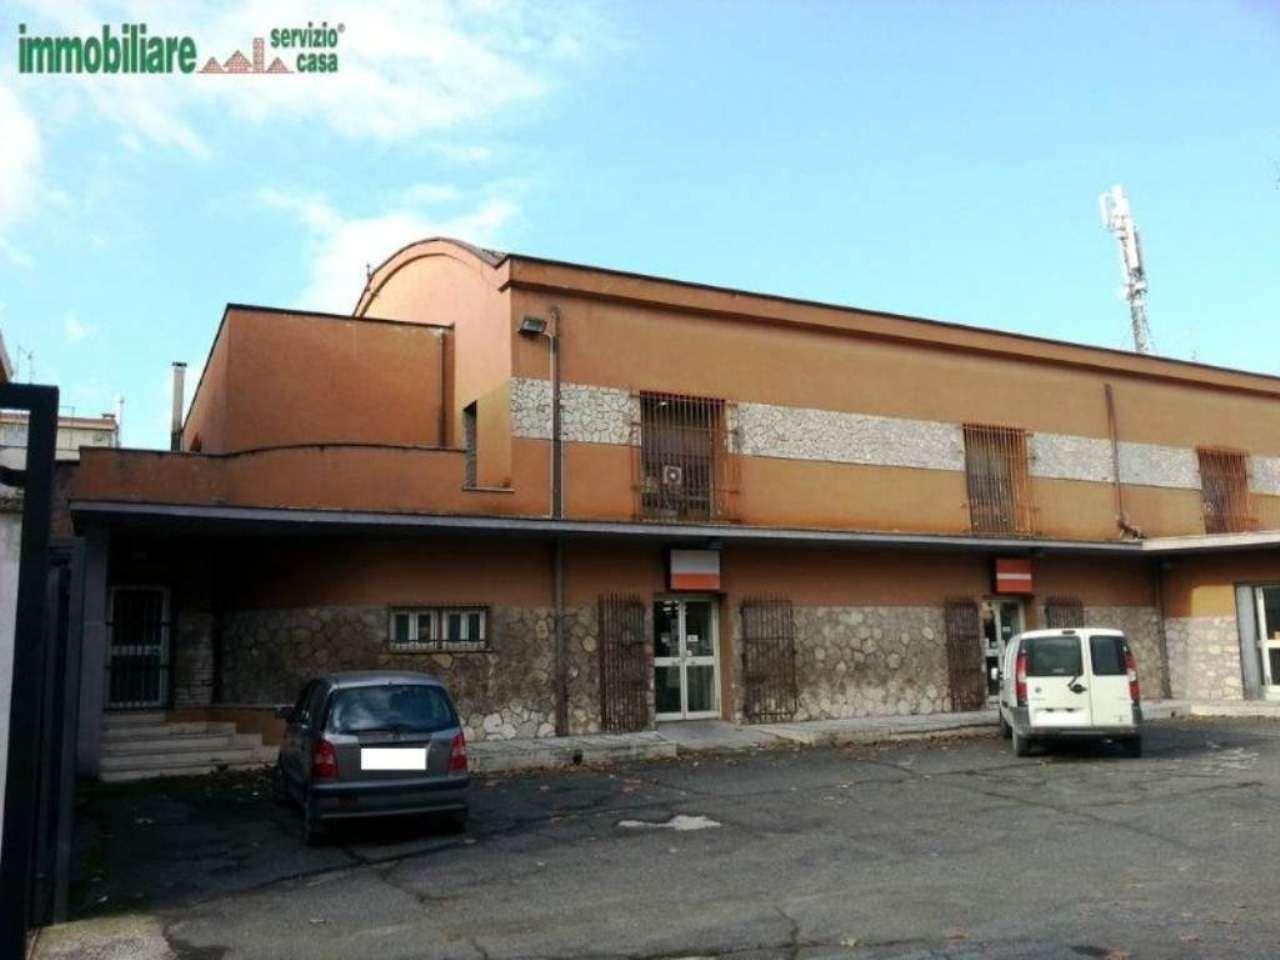 Negozio / Locale in vendita a Guidonia Montecelio, 8 locali, prezzo € 780.000 | Cambio Casa.it